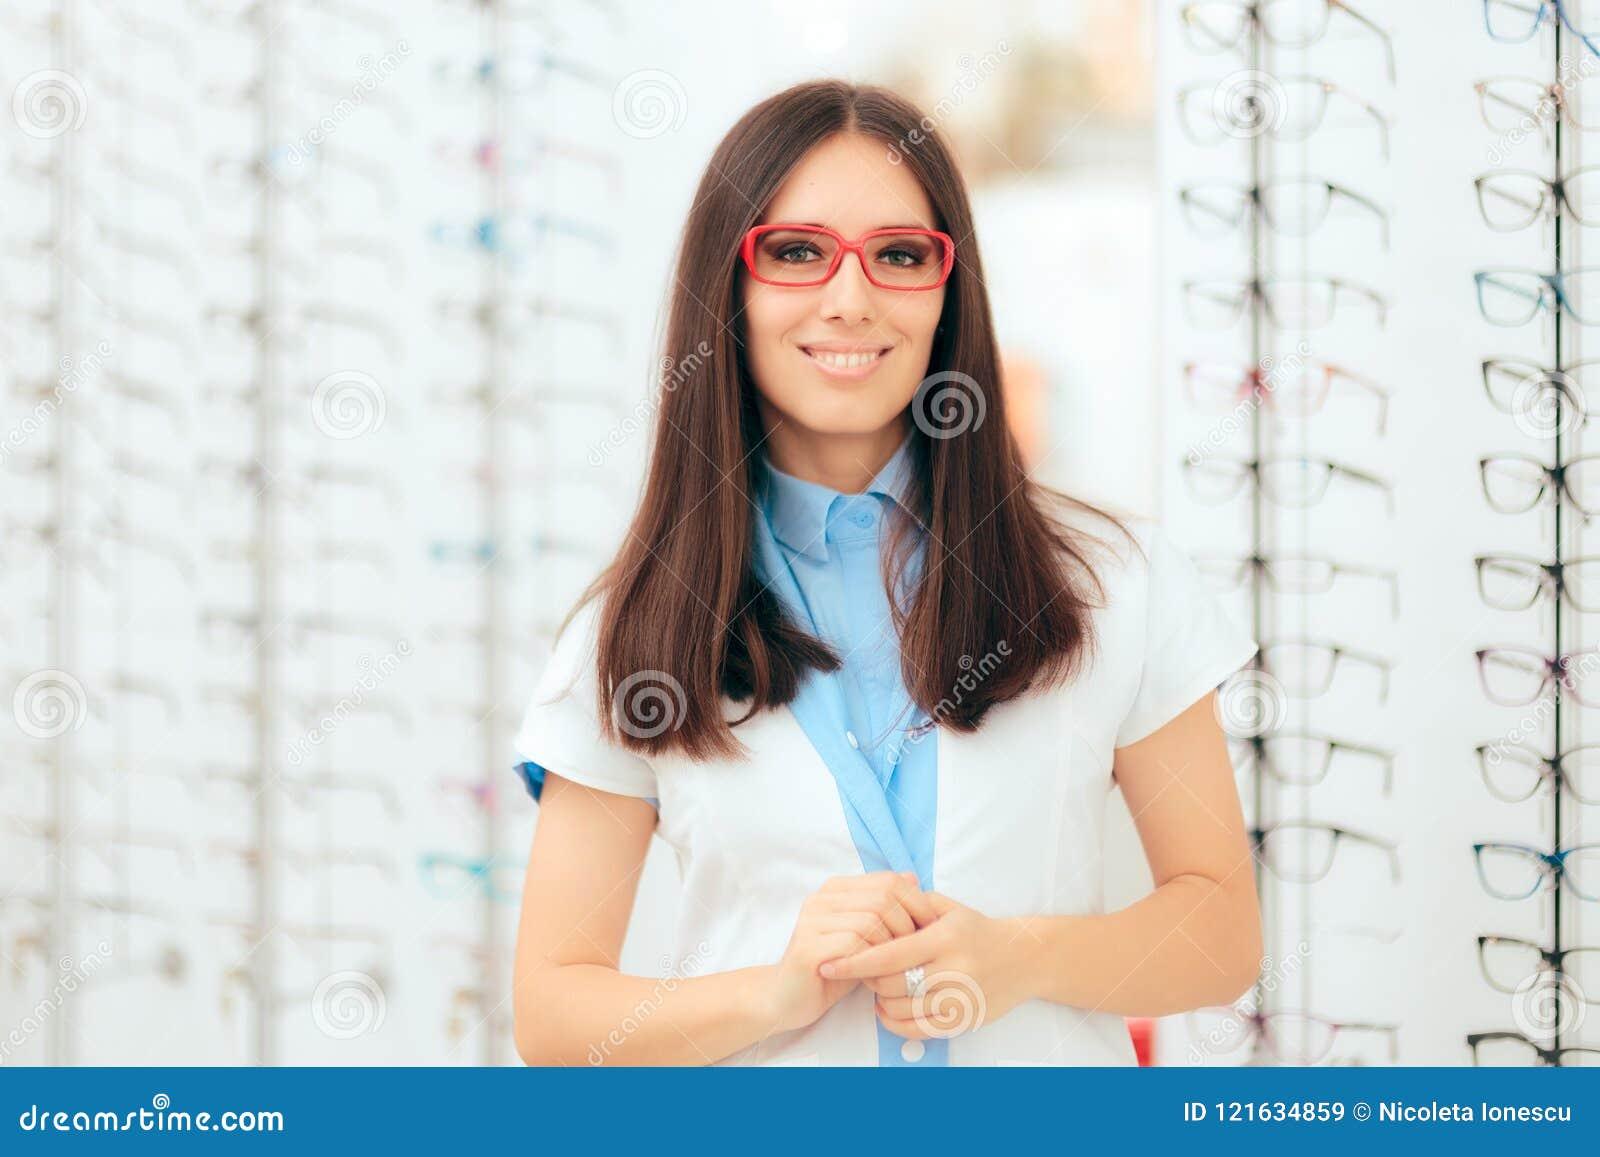 Oftalmologista Femea Eye Care Specialist Na Loja Otica Moderna Imagem De Stock Imagem De Otica Femea 121634859